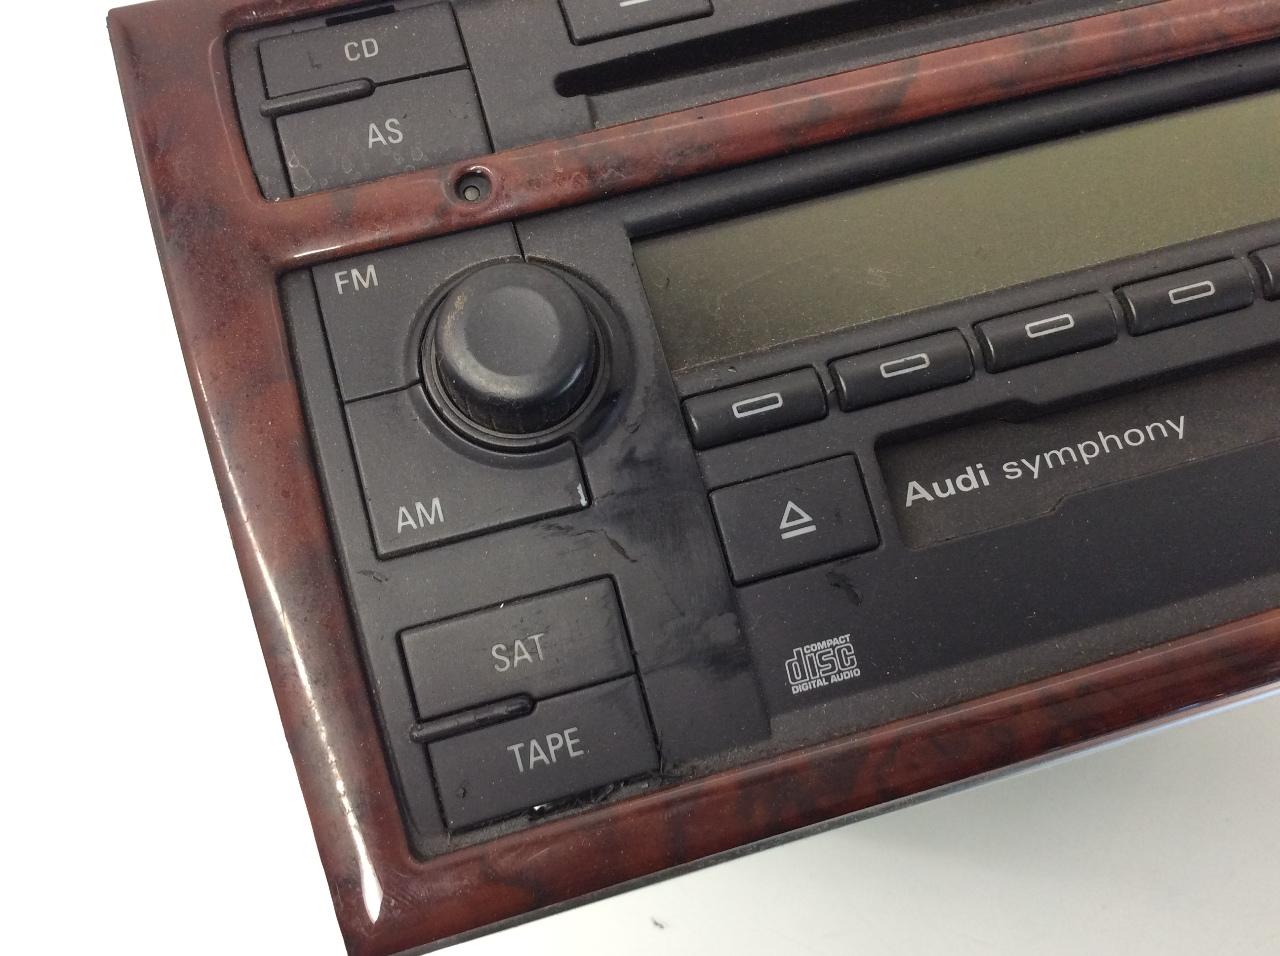 2004 2005 2006 2007 2008 audi a4 am fm cd cassette radio. Black Bedroom Furniture Sets. Home Design Ideas